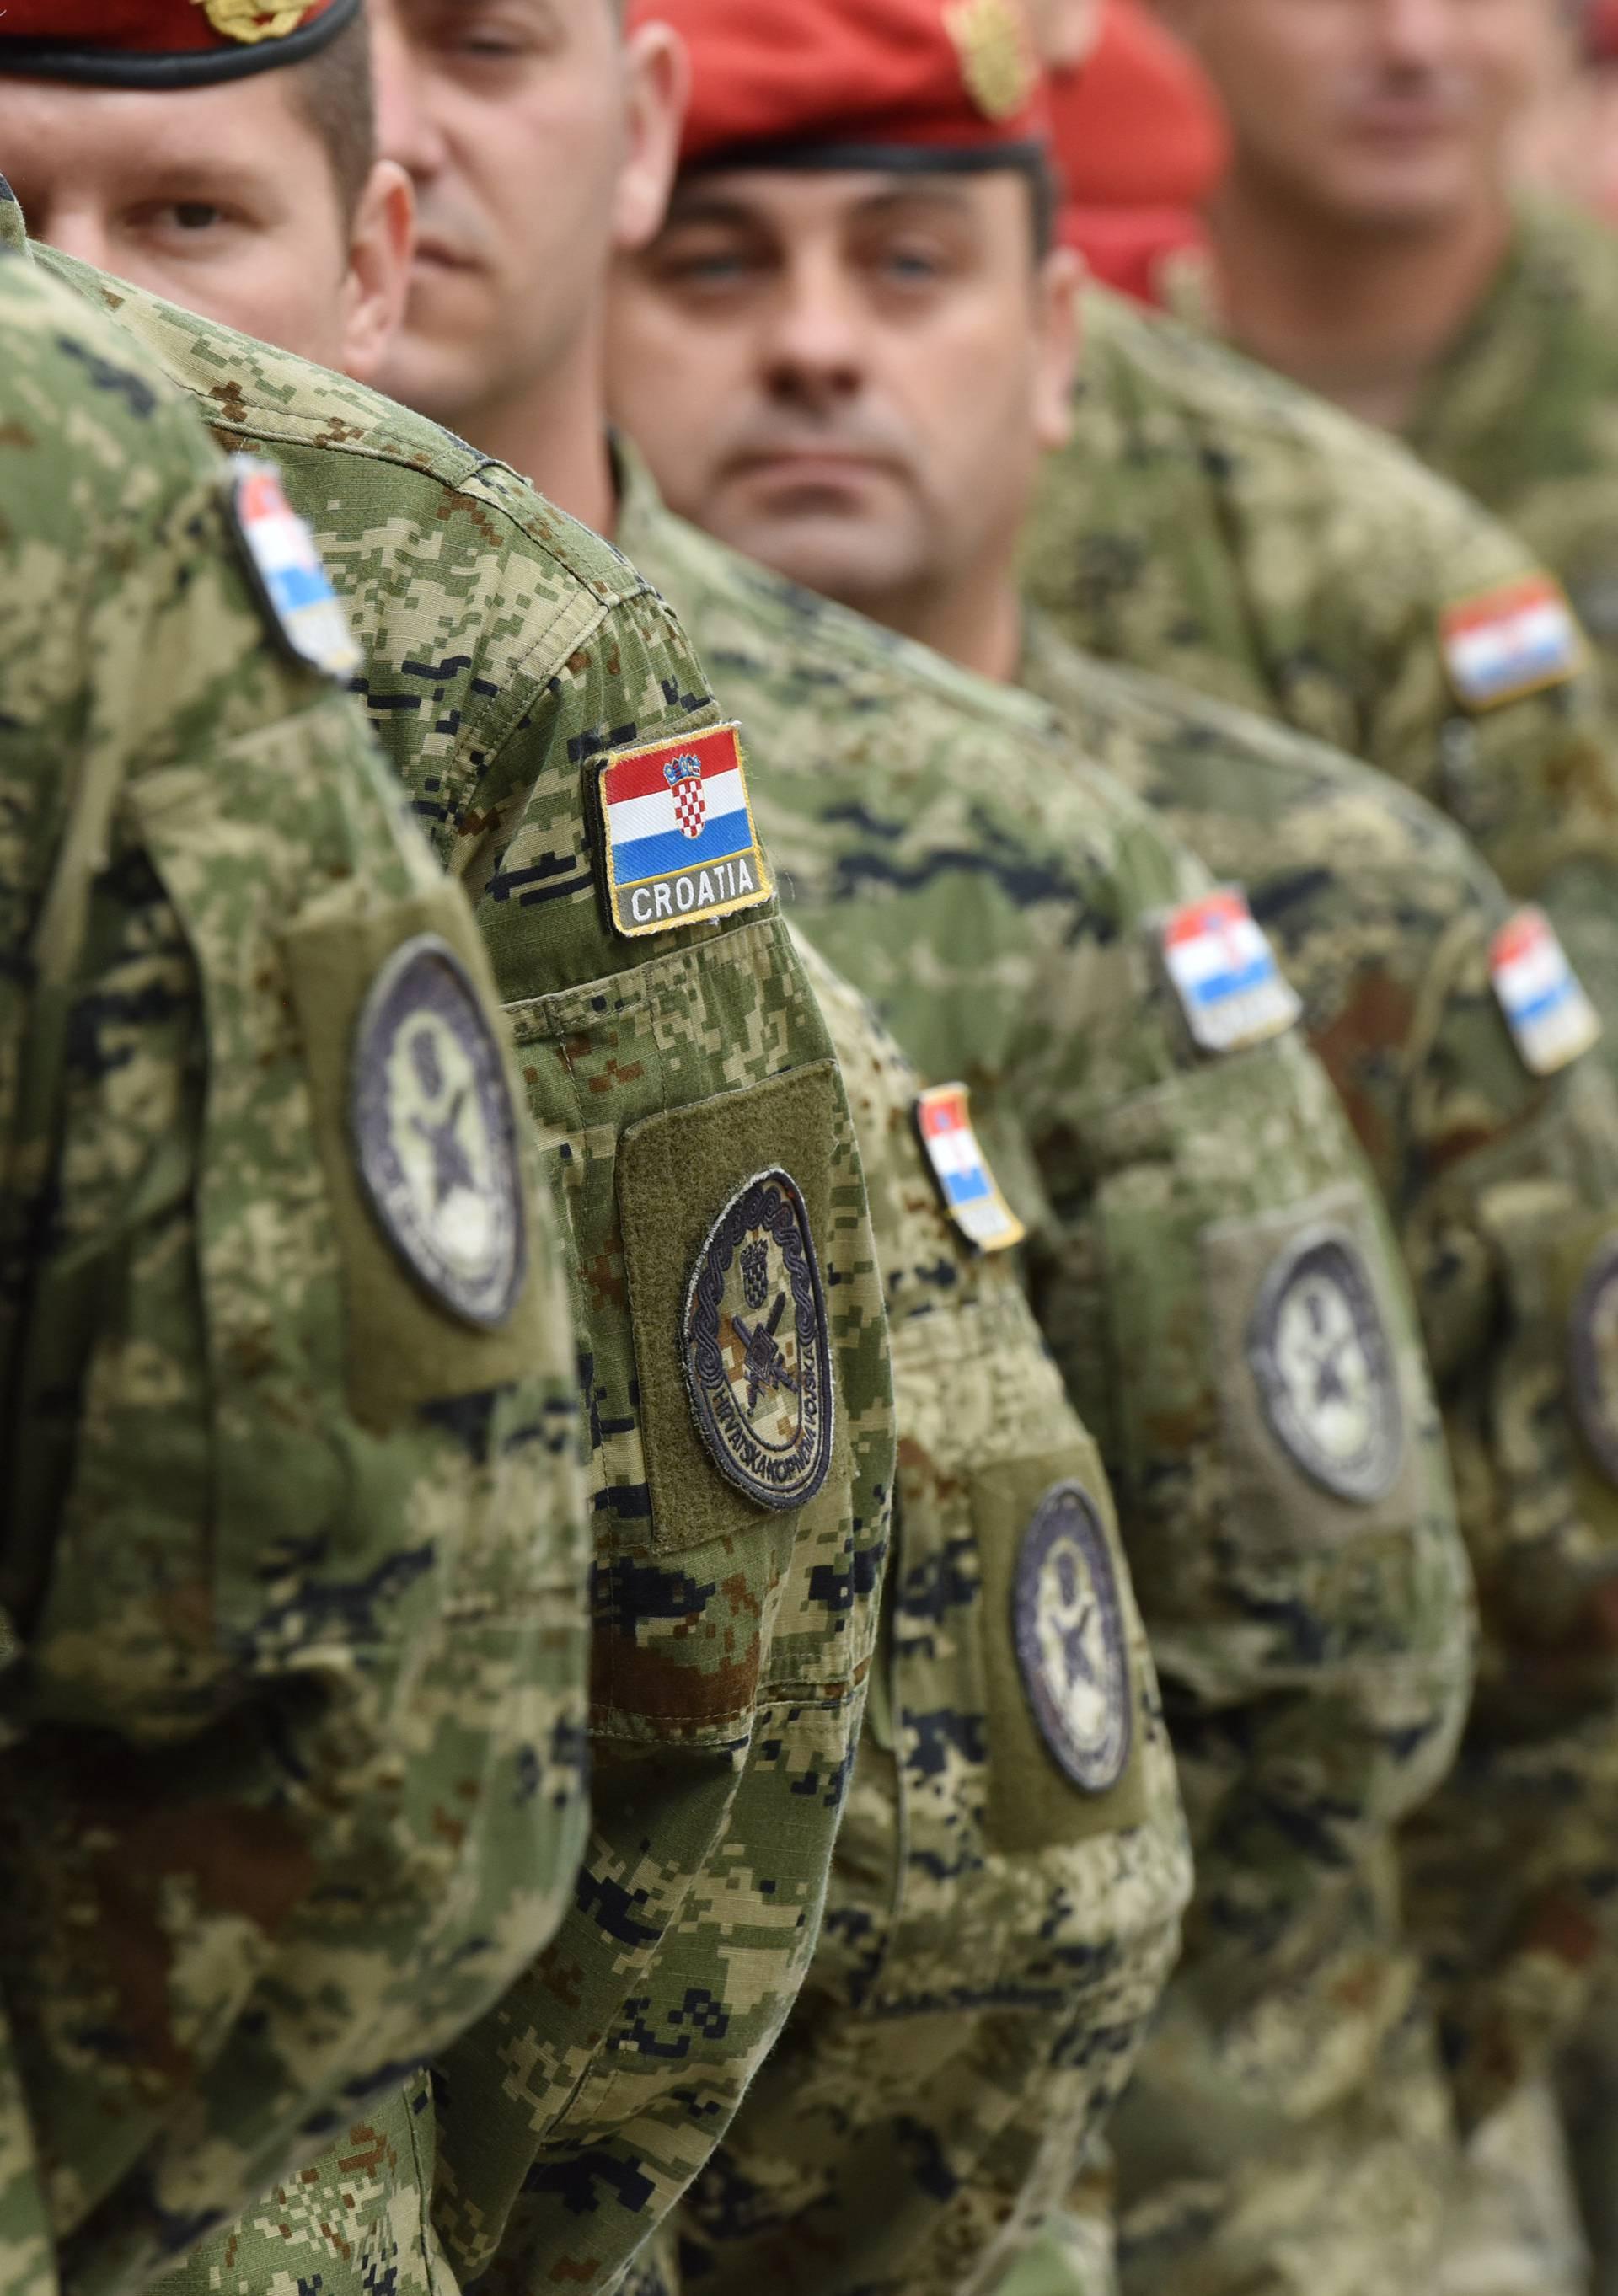 Jačanje snaga u Poljskoj: U misiju idu i hrvatski vojnici